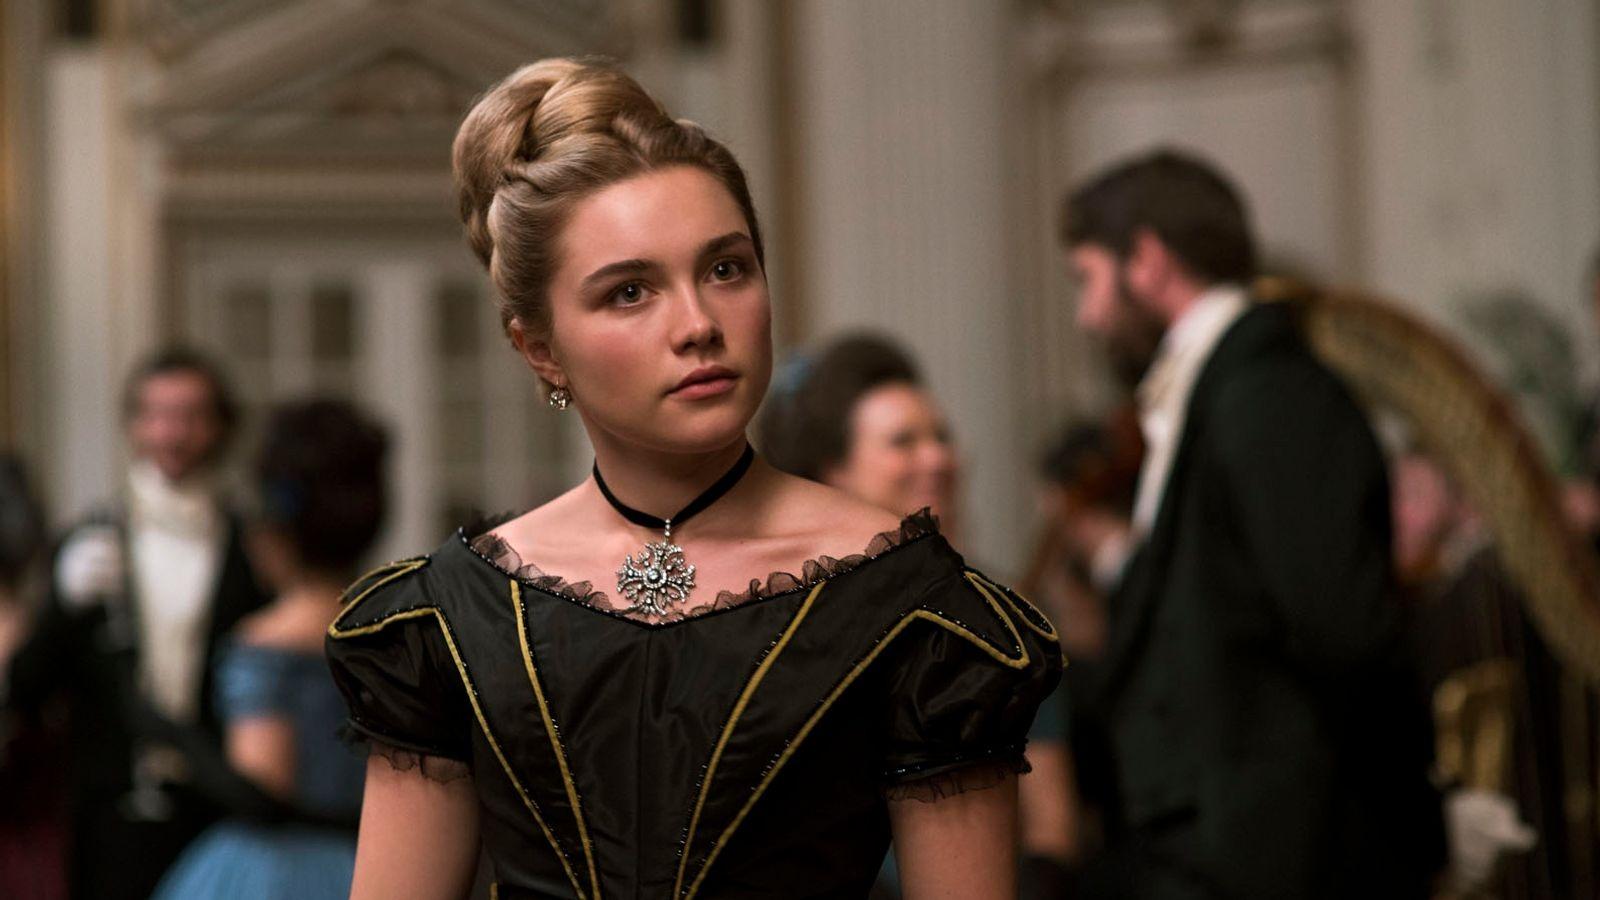 Trang phục dạ hội màu đen huyền bí của nhân vật Amy March trong Little Women